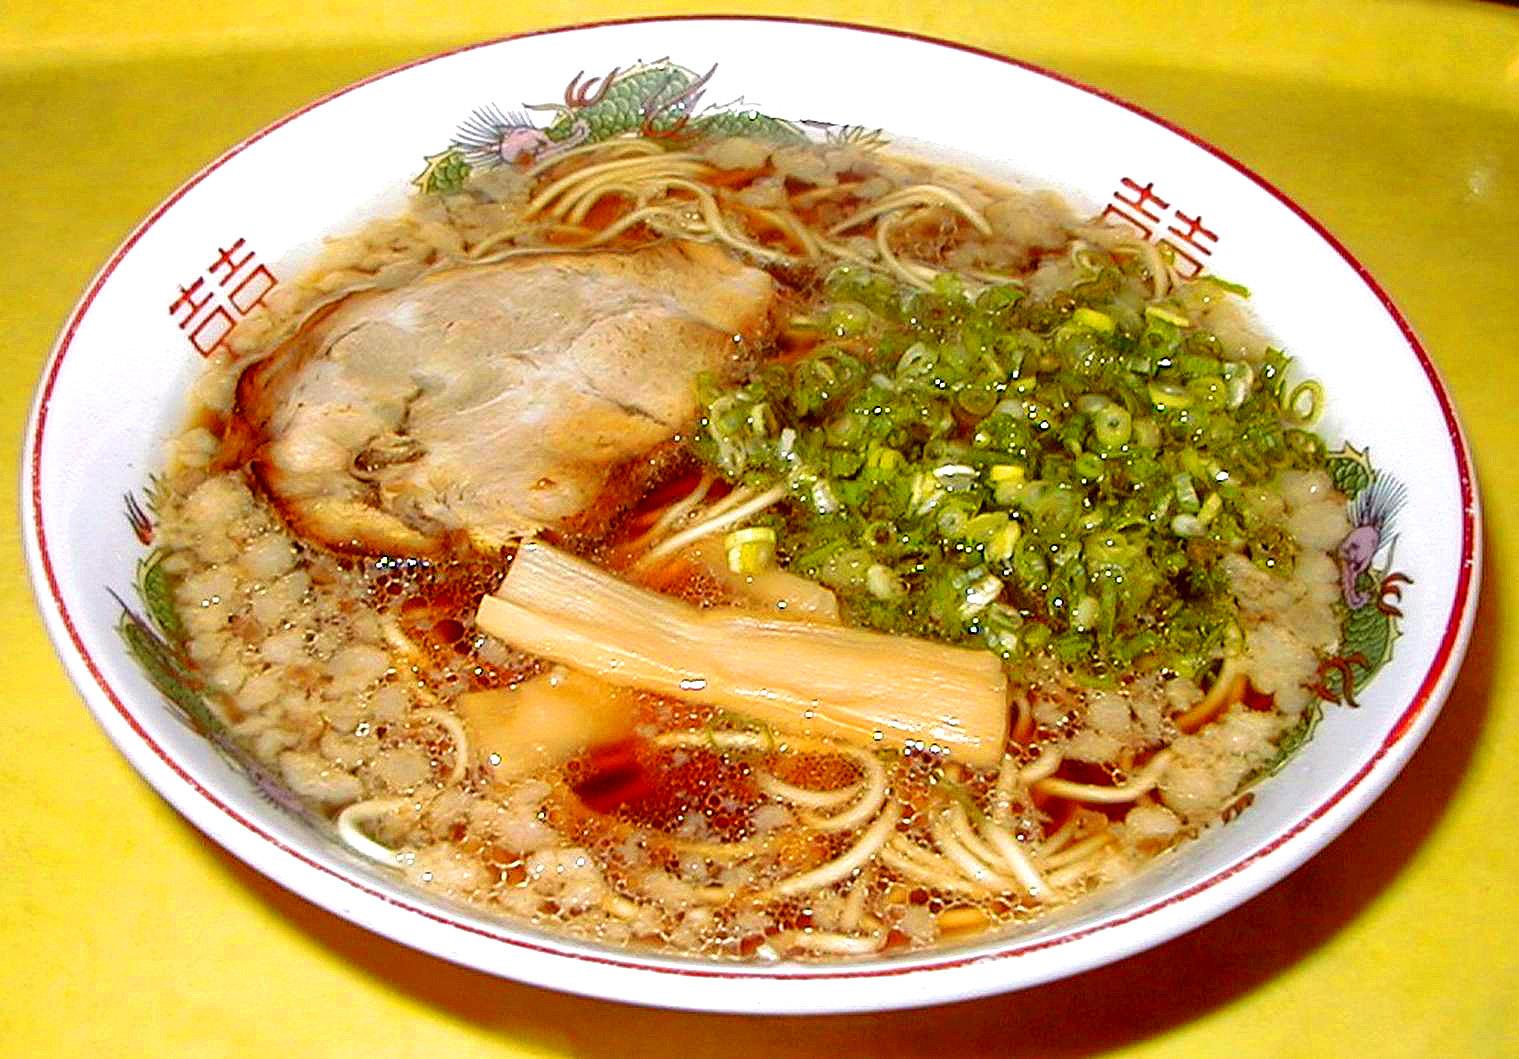 広島尾道の隠れたグルメ!尾道ラーメンの人気店ランキング5選のサムネイル画像